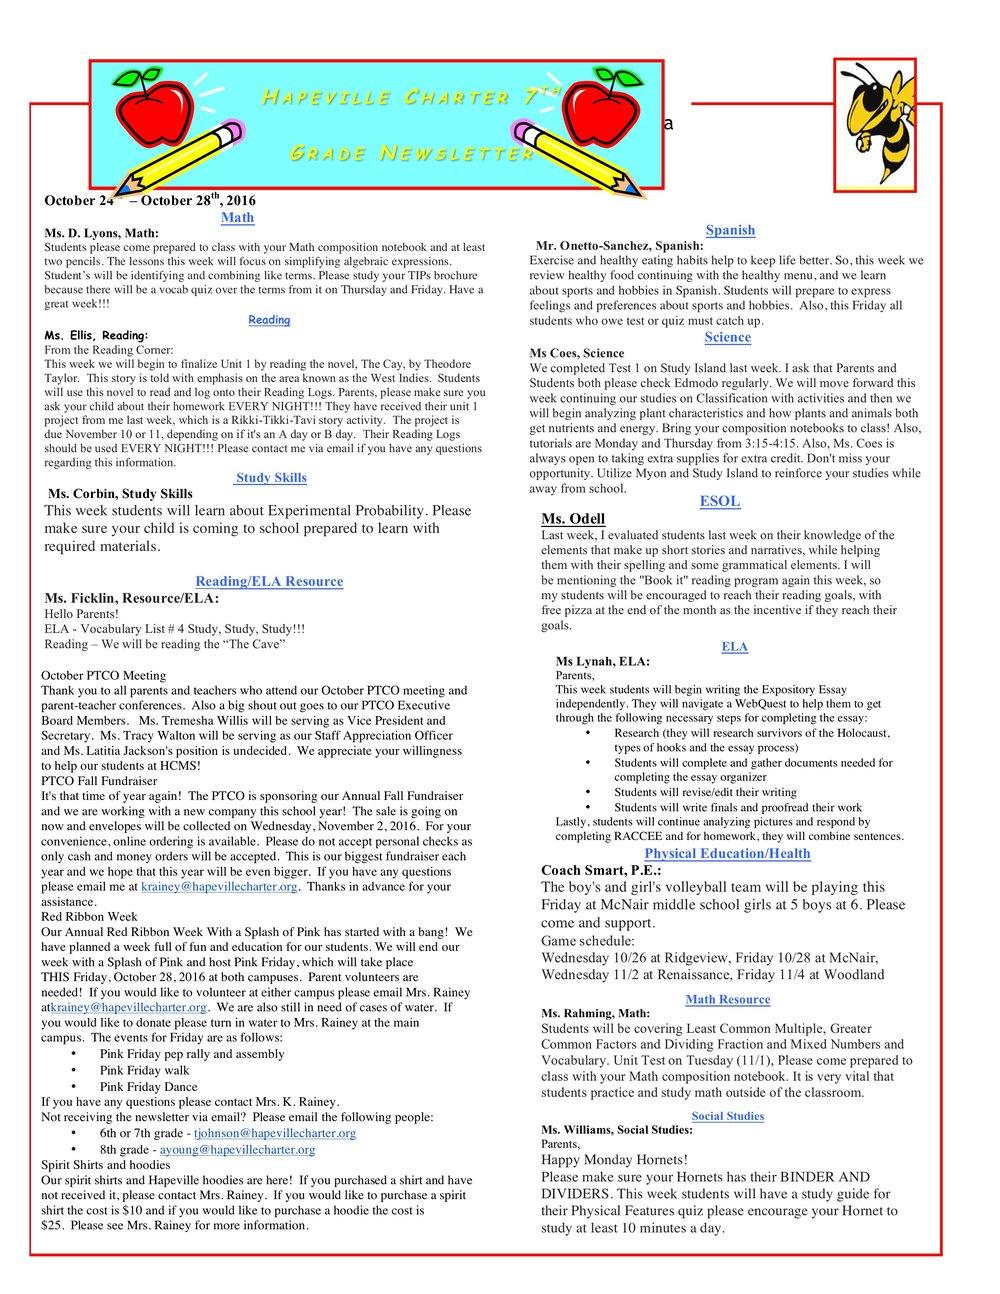 Newsletter Image7th Grade Newsletter 10.24.2016 .jpeg